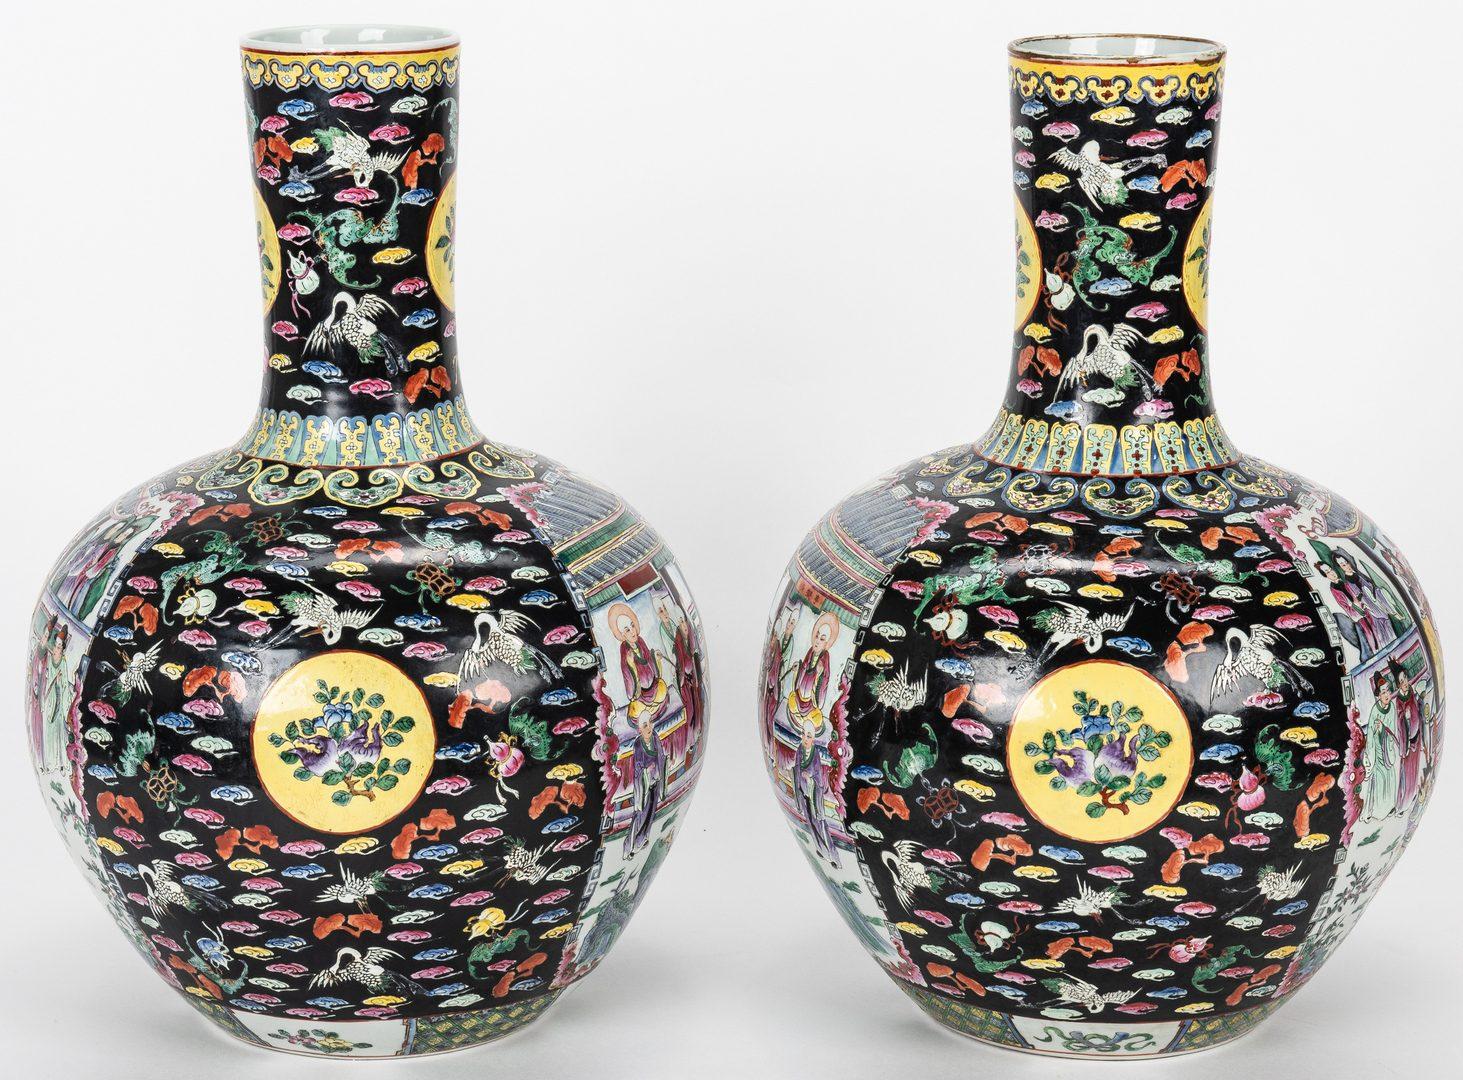 Lot 478: Pr. Chinese Famille Noire Floor Vases